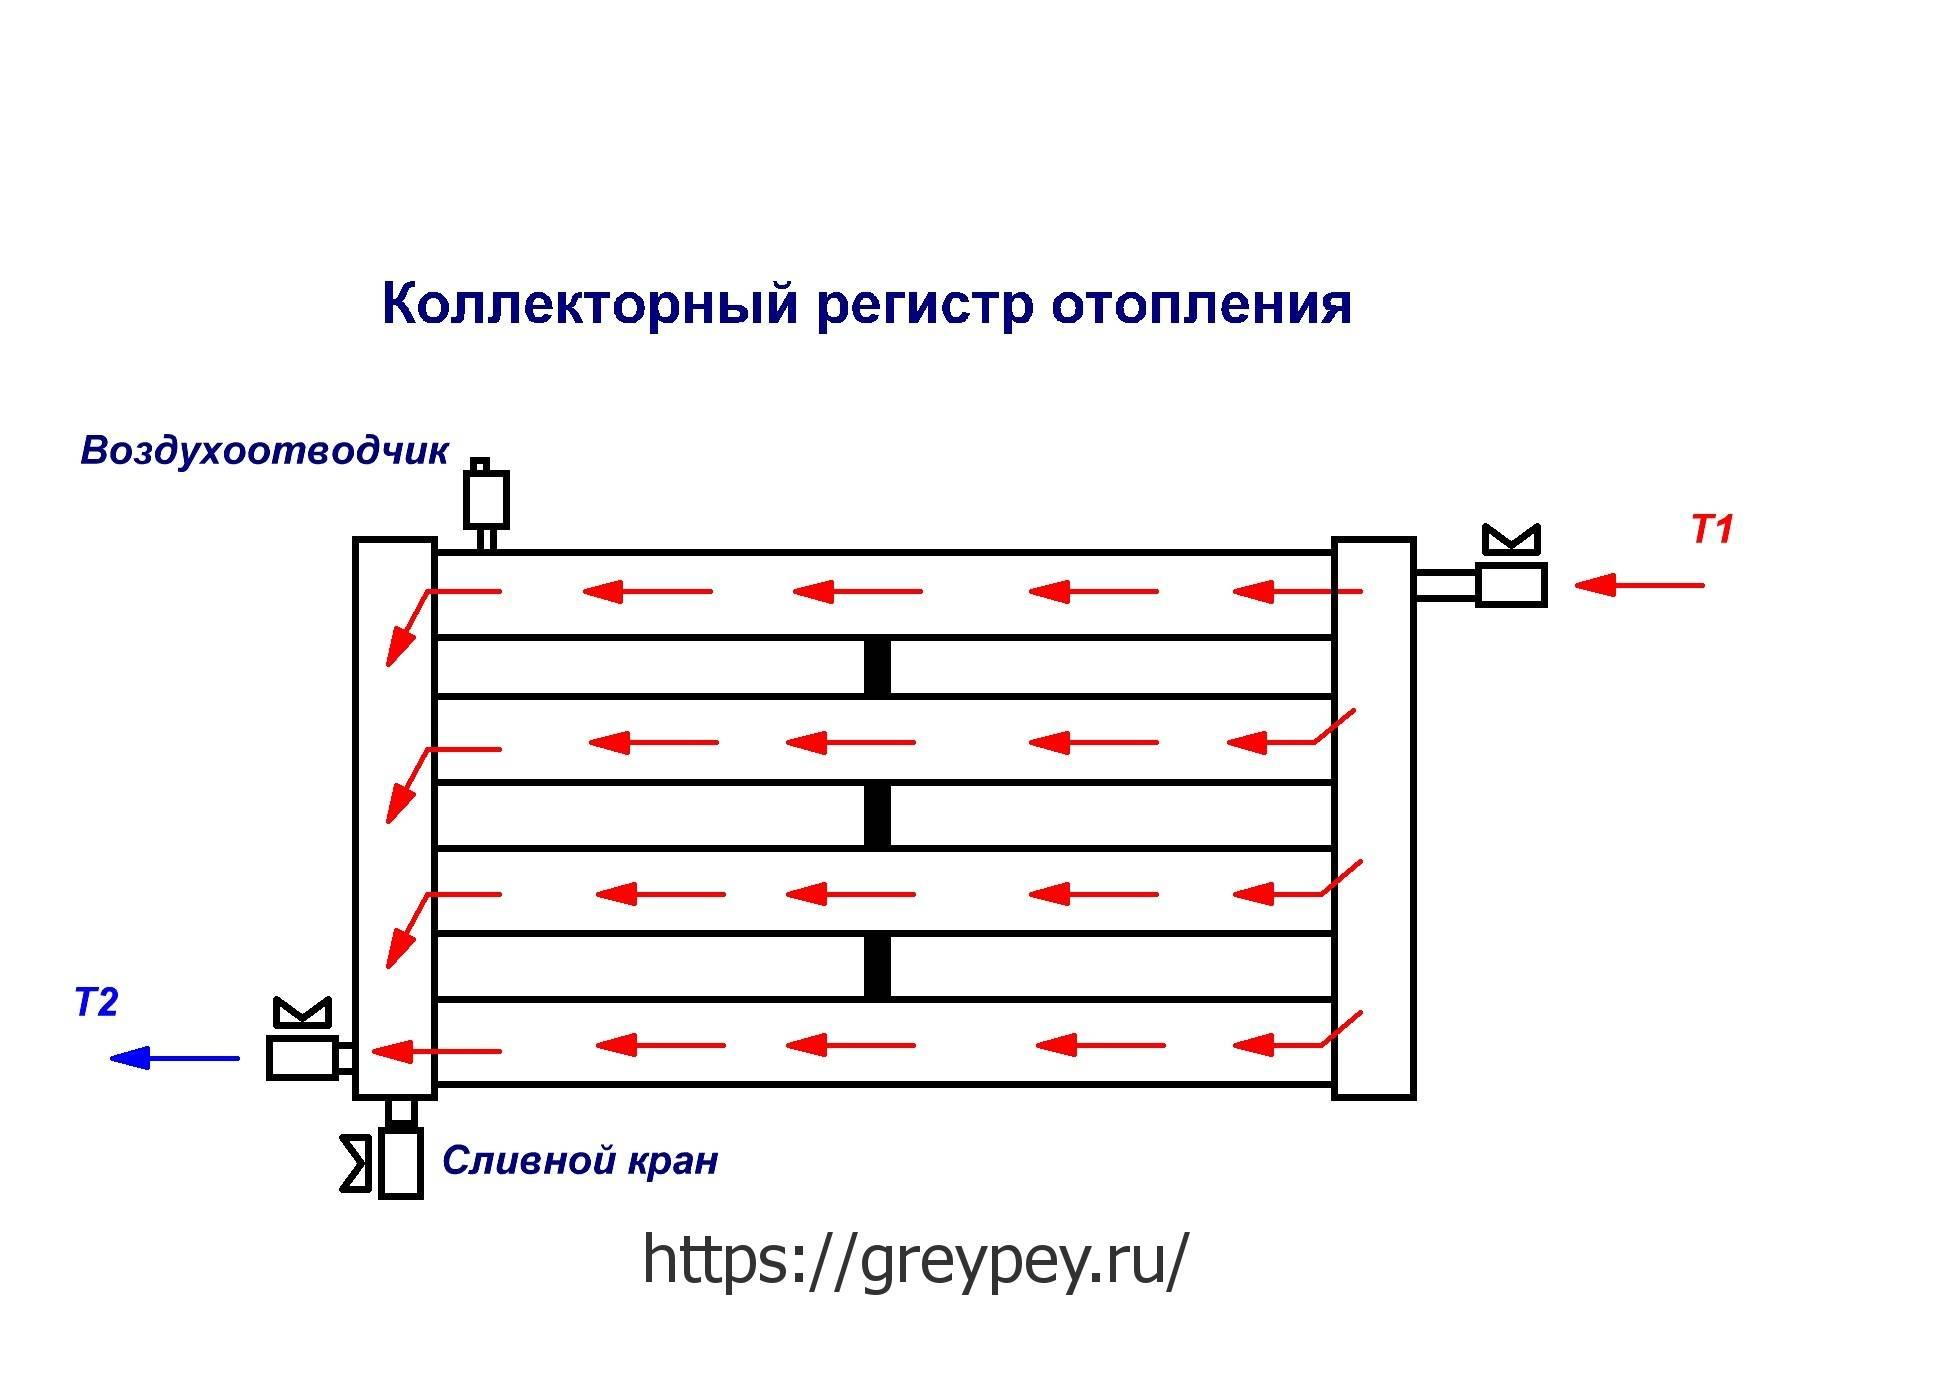 Расчет регистров отопления - система отопления